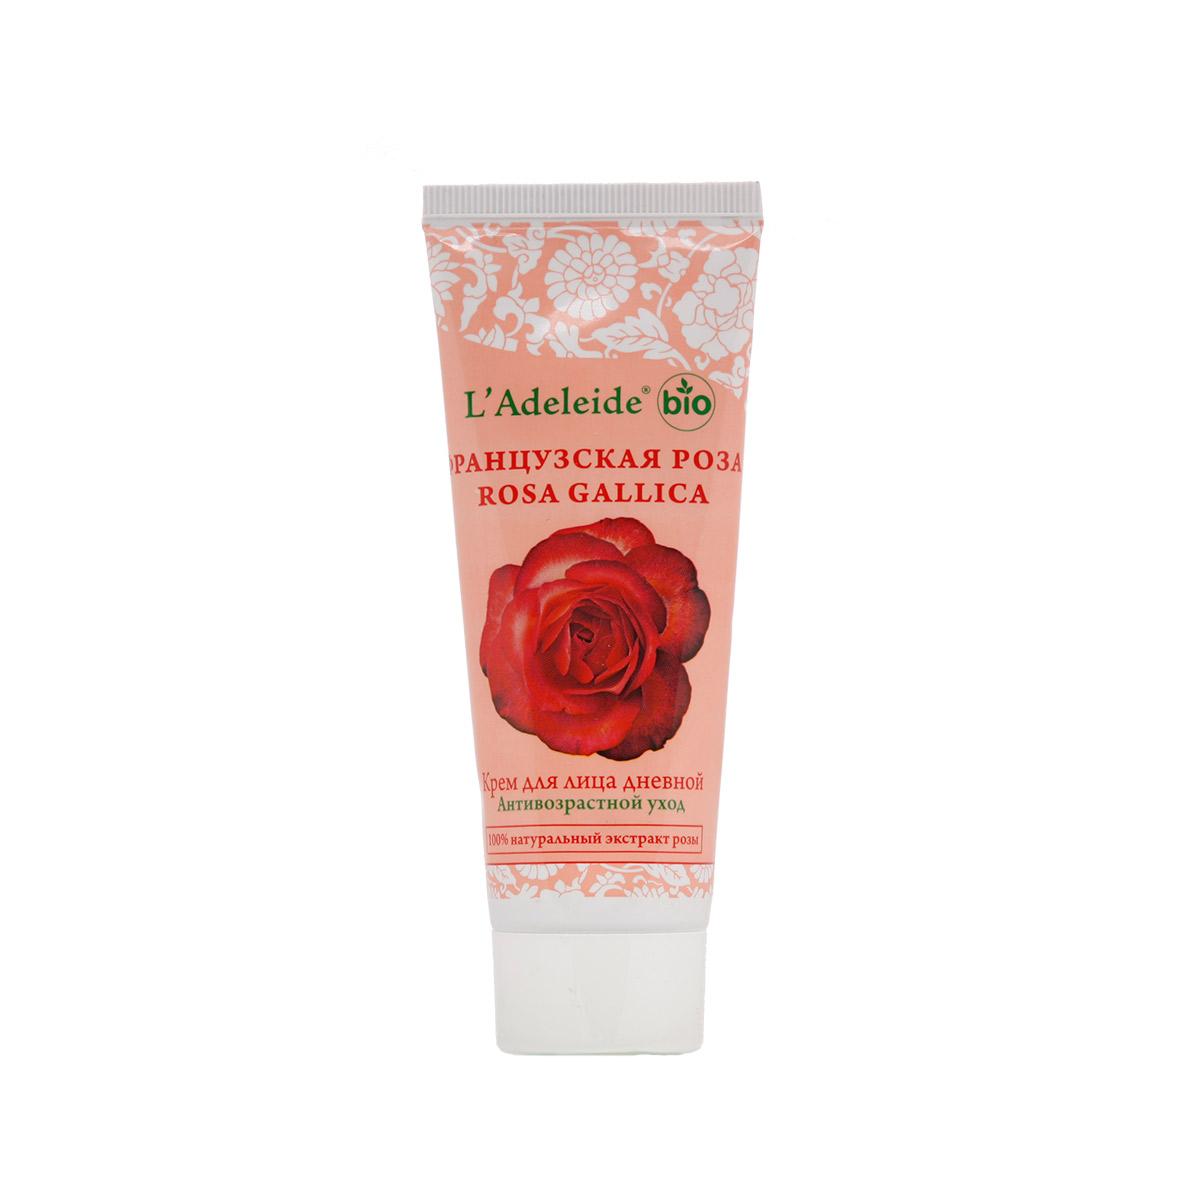 LAdeleide Крем для лица дневной Французская роза Антивозрастной, 75 млBXGRPФранцузская роза – это линия компании L'Adeleide на основе натурального экстракта французской розы, волшебным эффектом которого пользуются многие столетия жительницы Cредиземноморья. Французская роза известна своим регенерирующим и омолаживающим эффектом. Благодаря последним технологиям, L'Adeleide смог передать сильный эффект экстракта. Косметический крем для лица Французская роза легко впитывается, устраняет все признаки уставшей кожи: успокаивает, увлажняет и питает. Сбалансированная формула крема содержит дистиллят розы и важнейшие витамины F и E. Крем способствует поддержанию эластичности и упругости кожи. В составе - комплекс Hydrovance, который обеспечивает тотальное увлажнение кожи за счет своего проникновения даже в самые глубокие слои эпидермиса. Hydrovance уменьшает раздражения и воспаления сухой кожи и повышает эластичность. Применение крема стимулирует клеточную регенерацию, препятствует возникновению морщин, способствует разглаживанию мелких морщин, повышает защитные свойства кожи, выравнивает цвет, нормализует активность сальных желез.